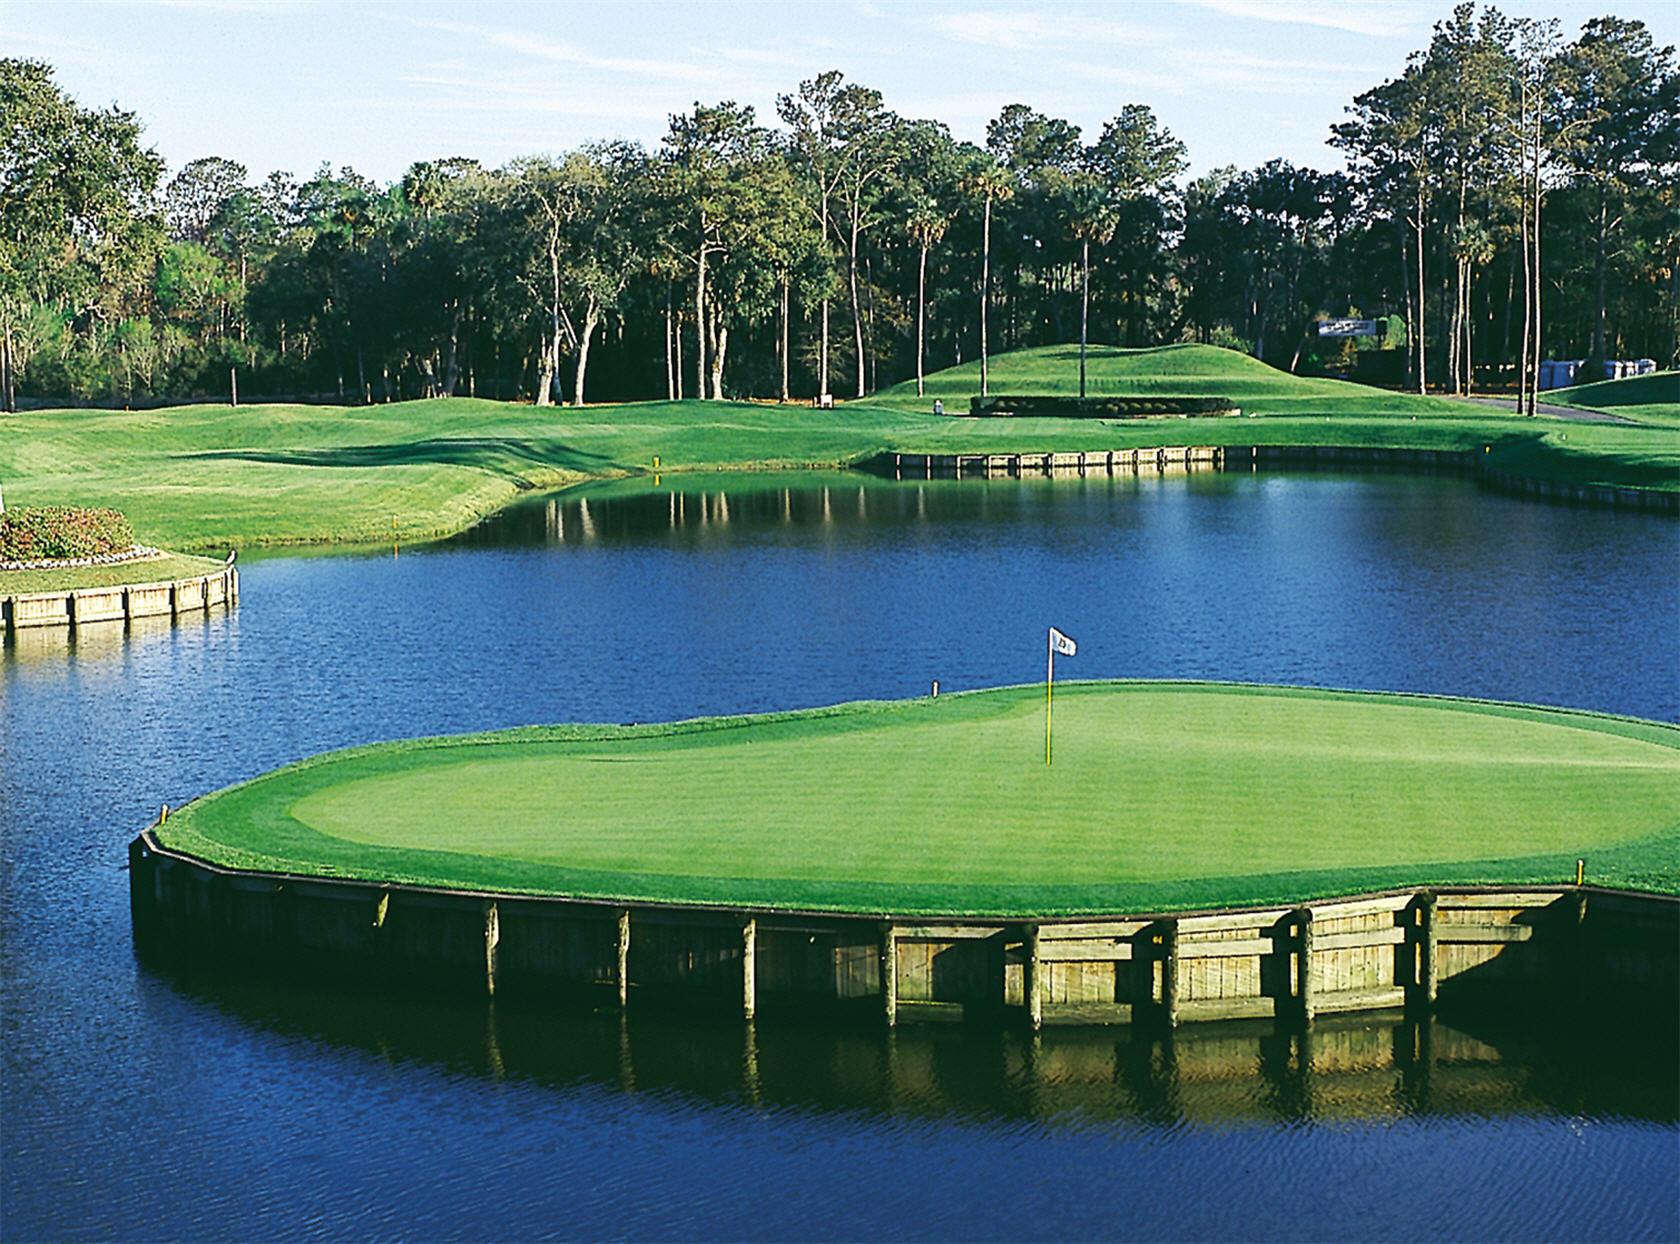 Beautiful Golf Course Desktop Wallpaper